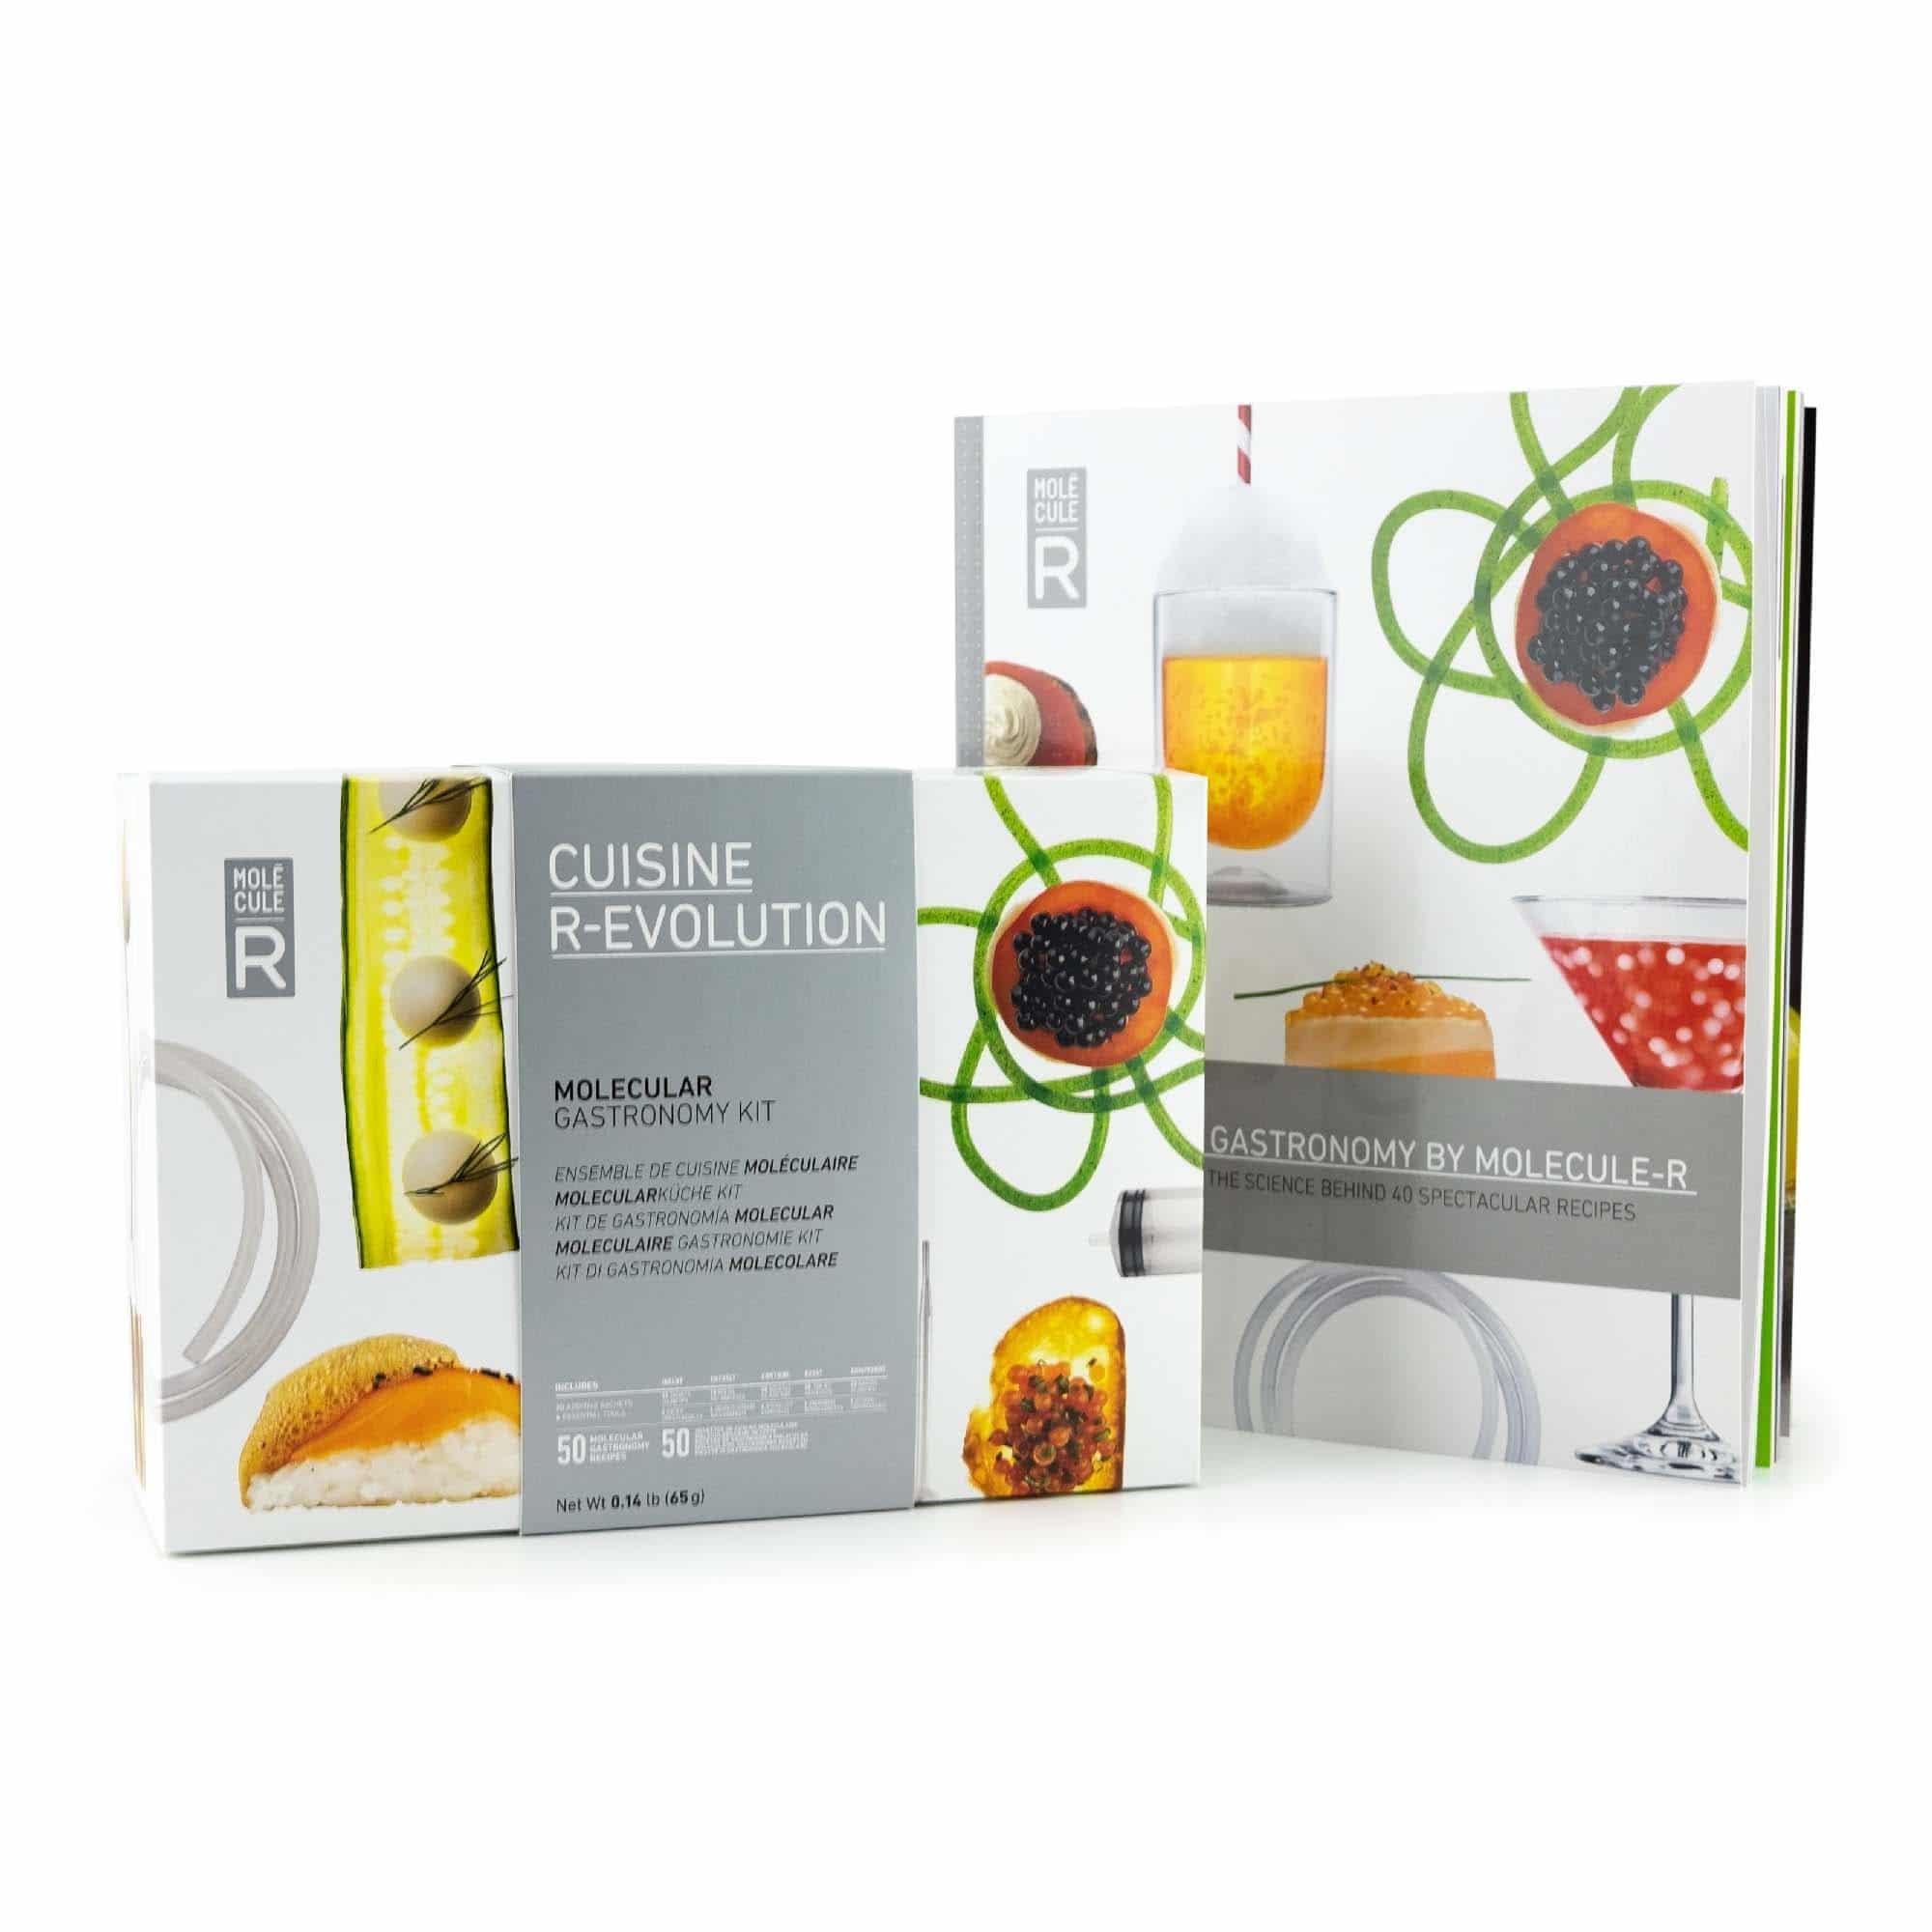 Cliquez ici pour acheter Cuisine moléculaire R-Evolution